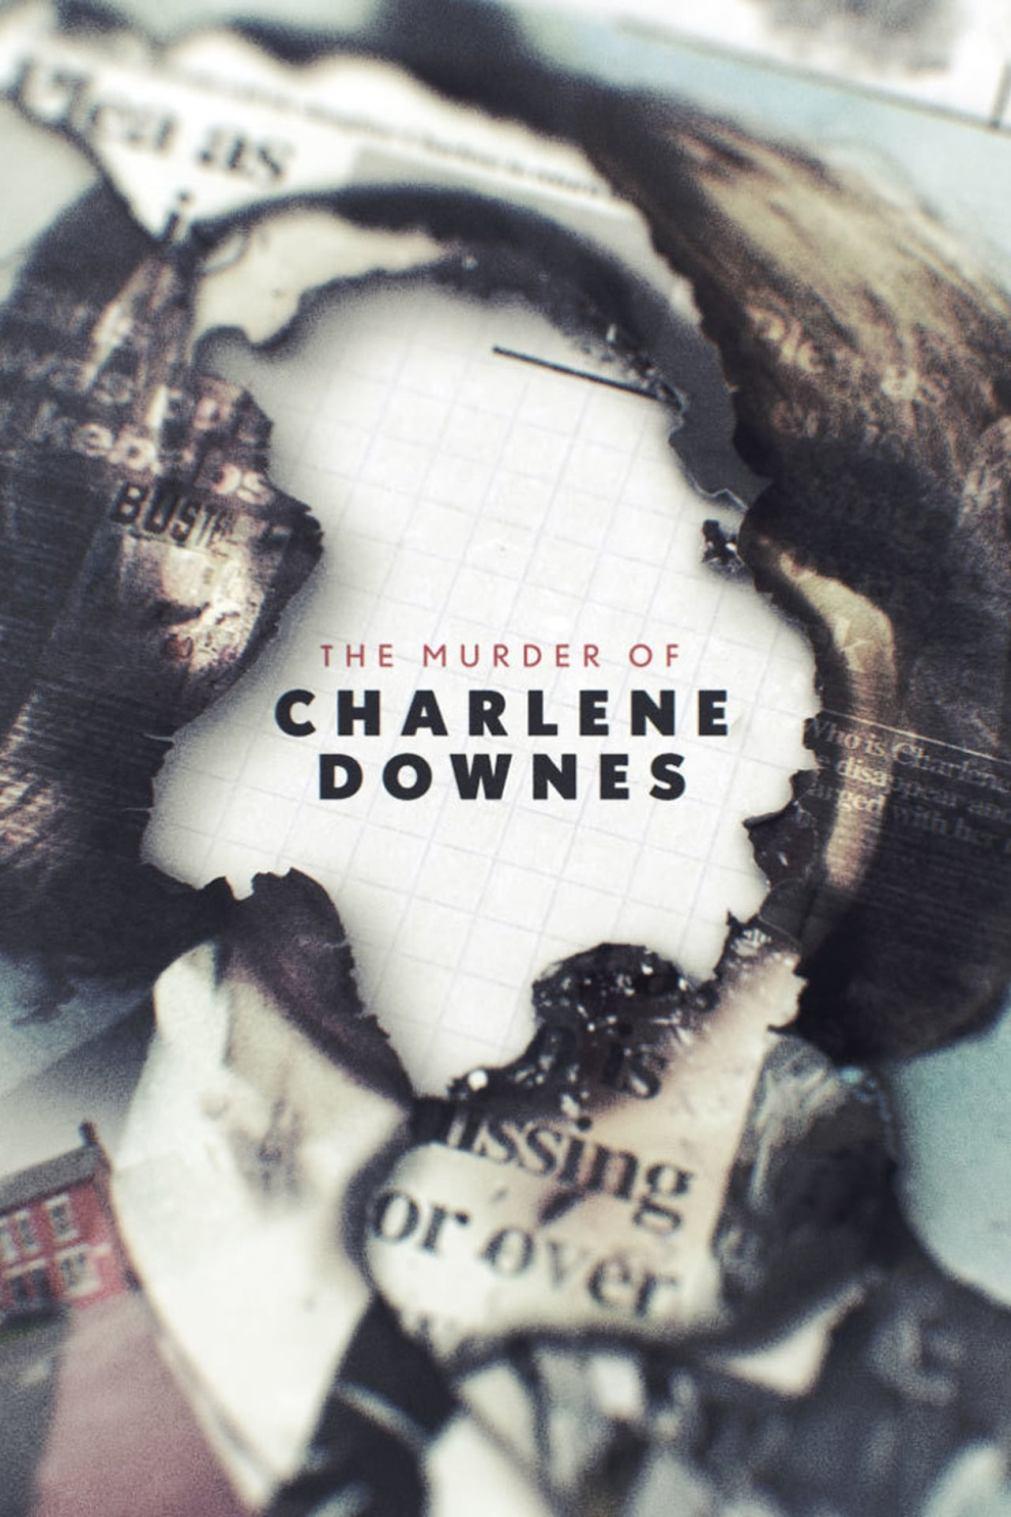 The Murder of Charlene Downes kapak